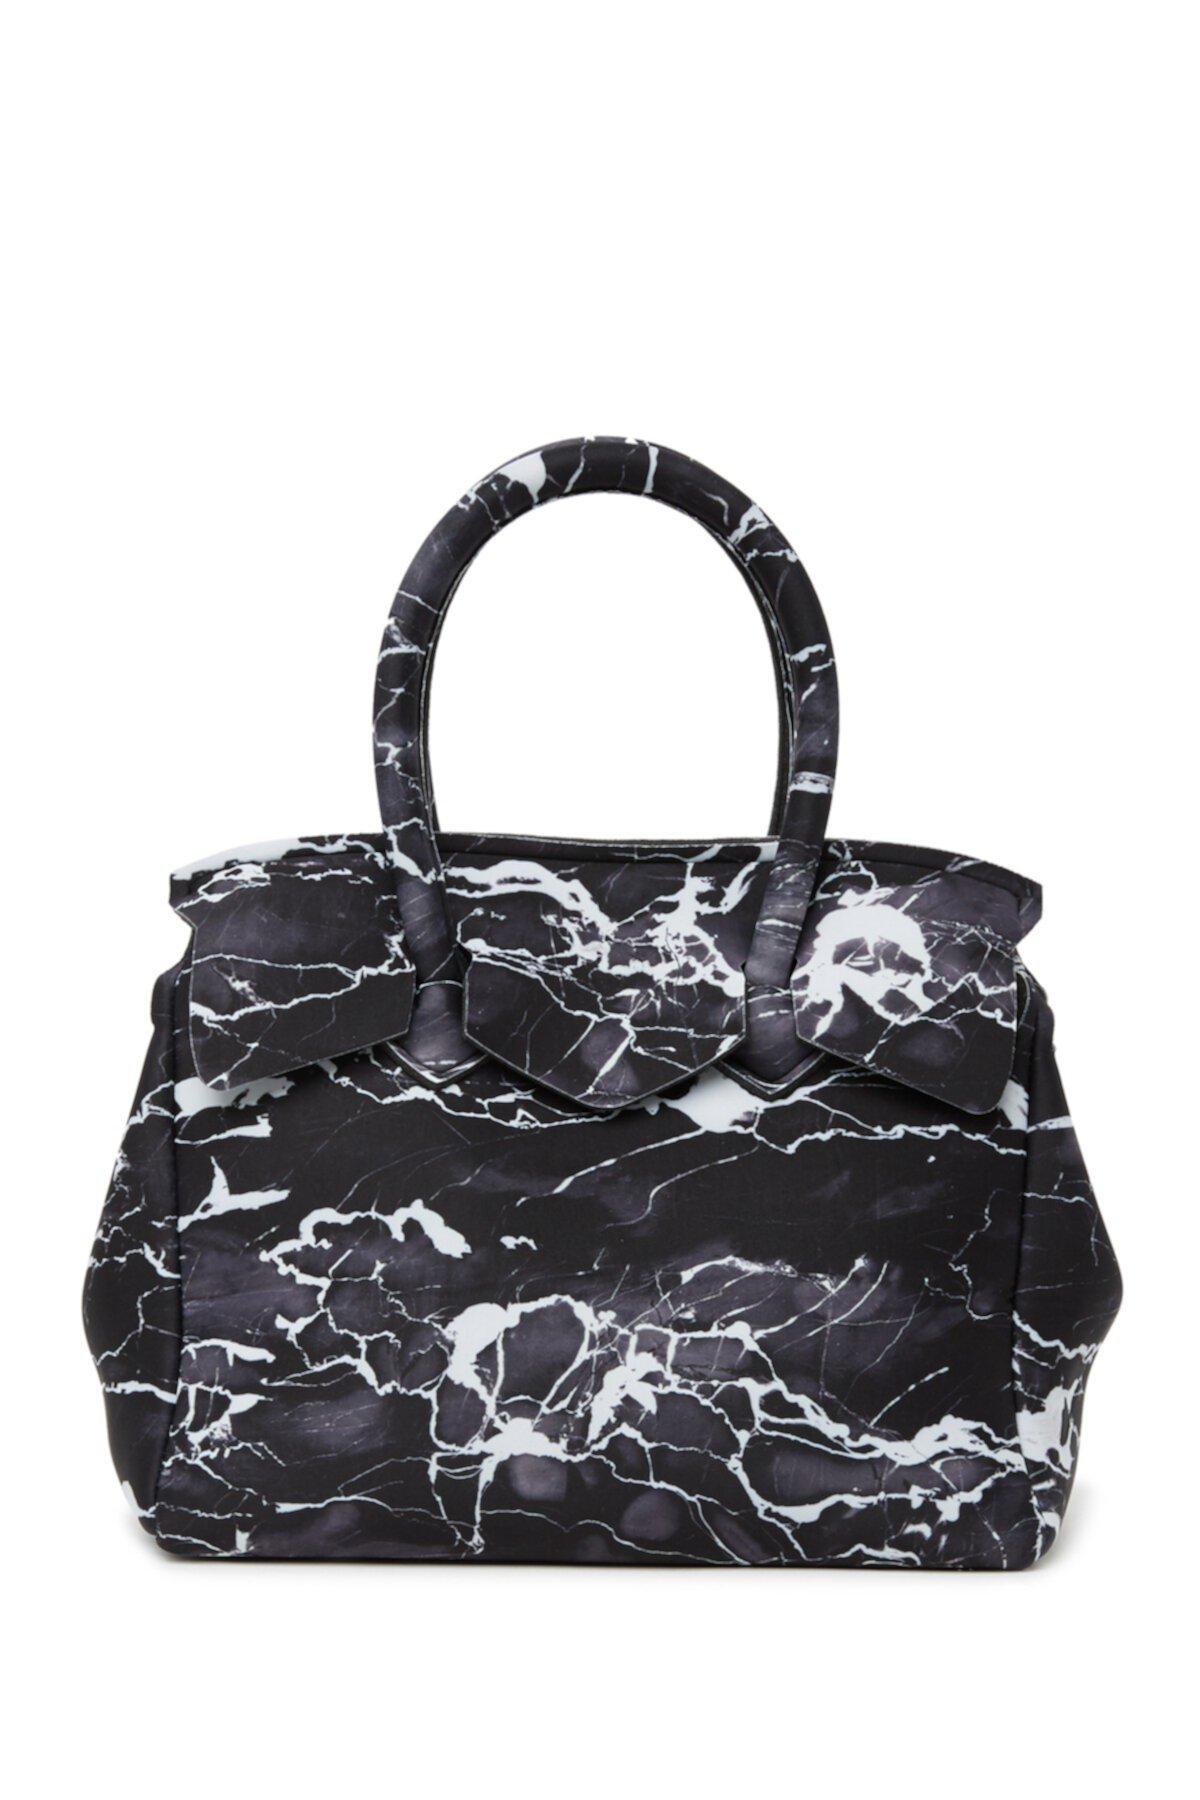 save my bag сумки купить